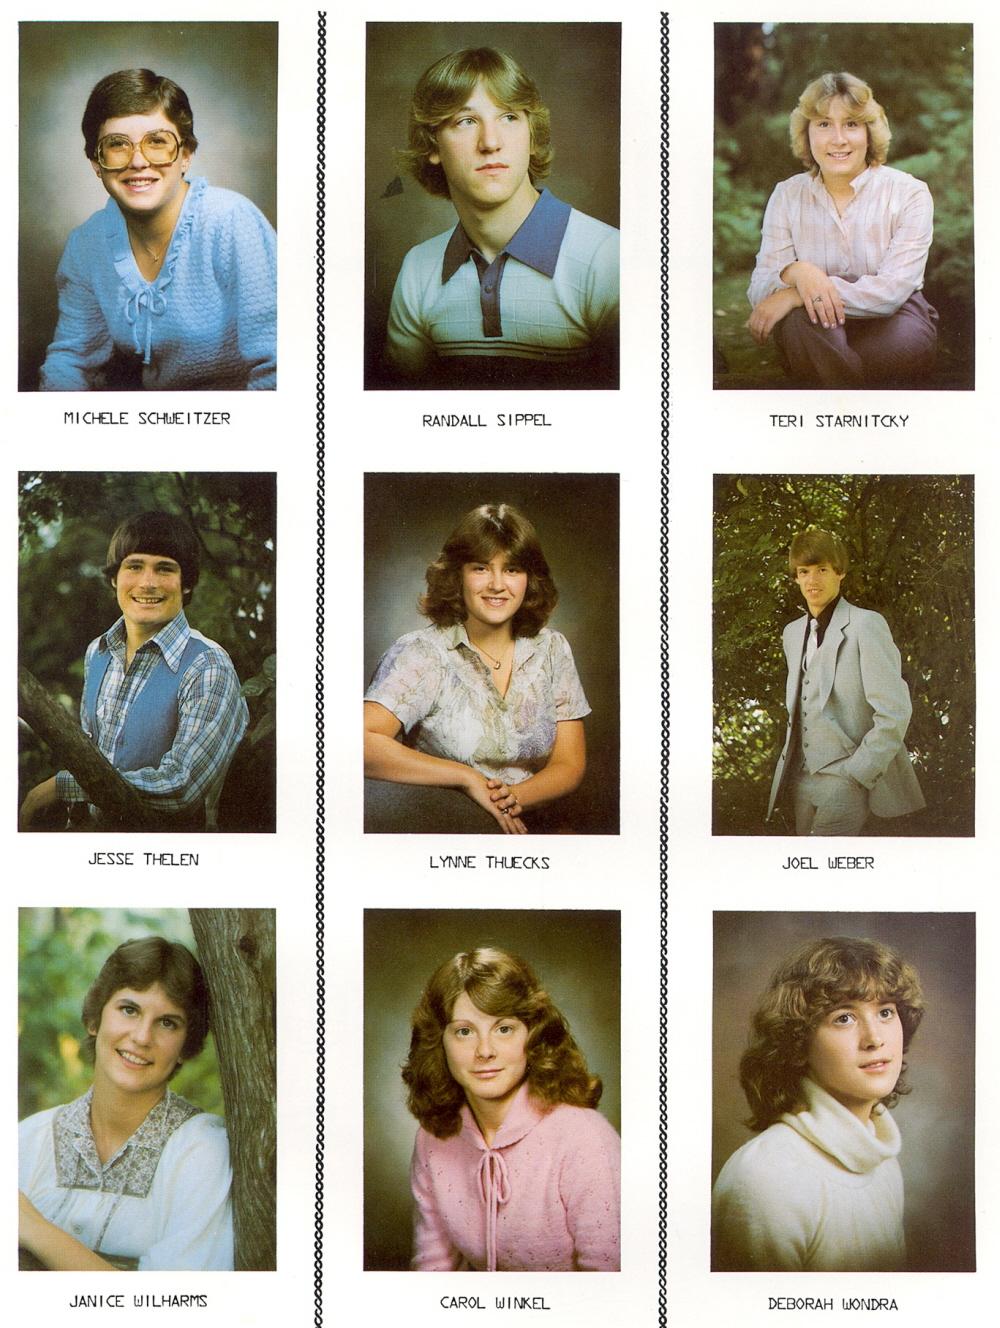 Marvelous 1980 Elkhart Lake High School Yearbook Hairstyles For Men Maxibearus